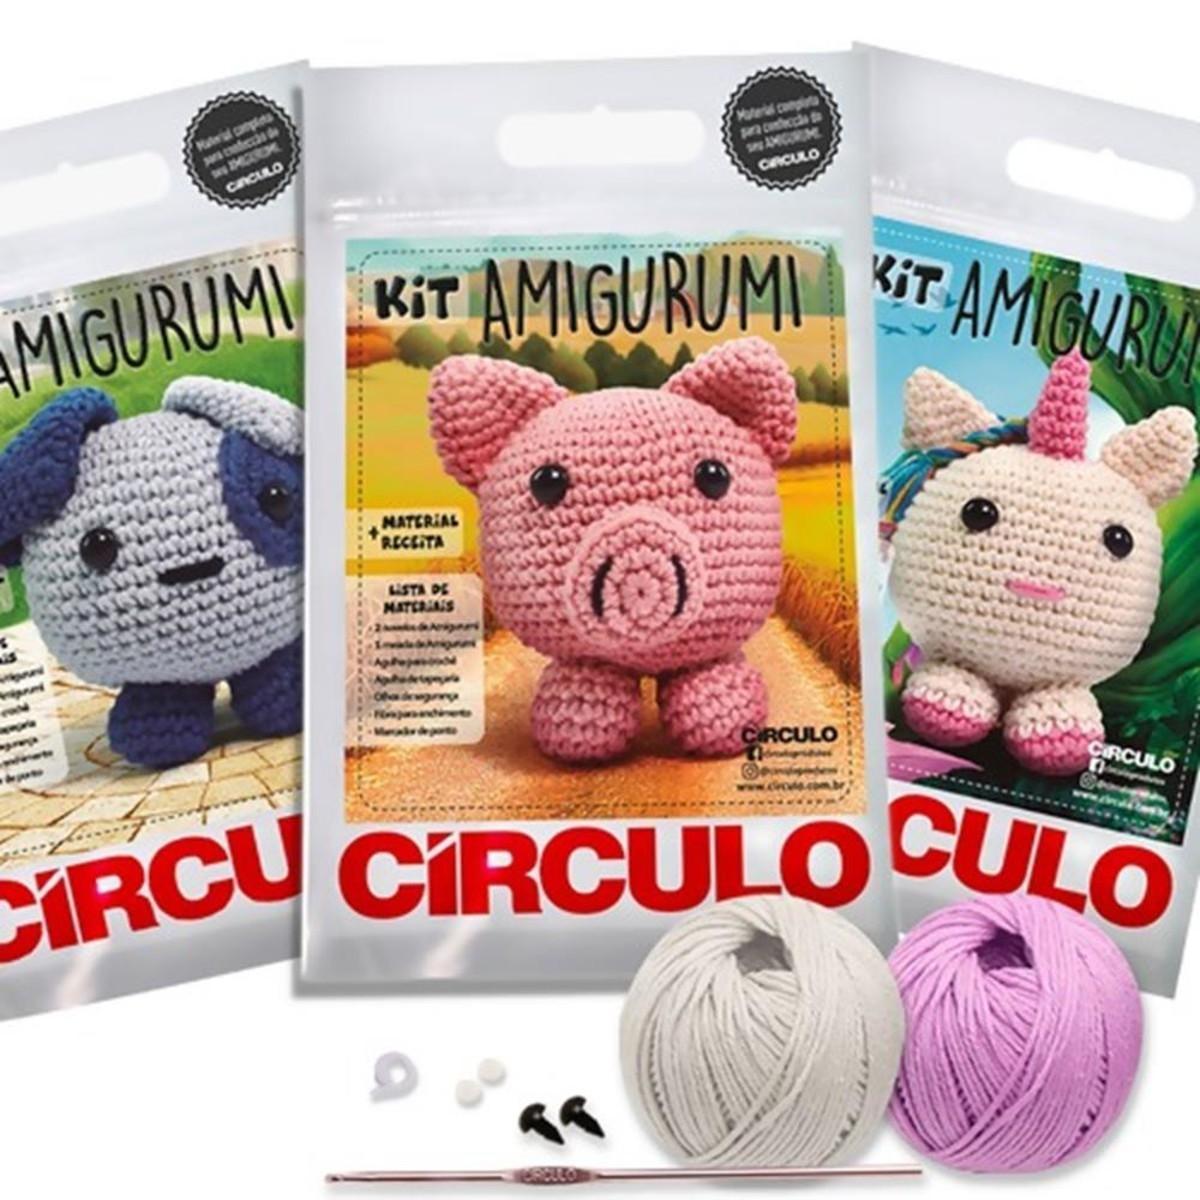 Kit Amigurumi Animais Círculo